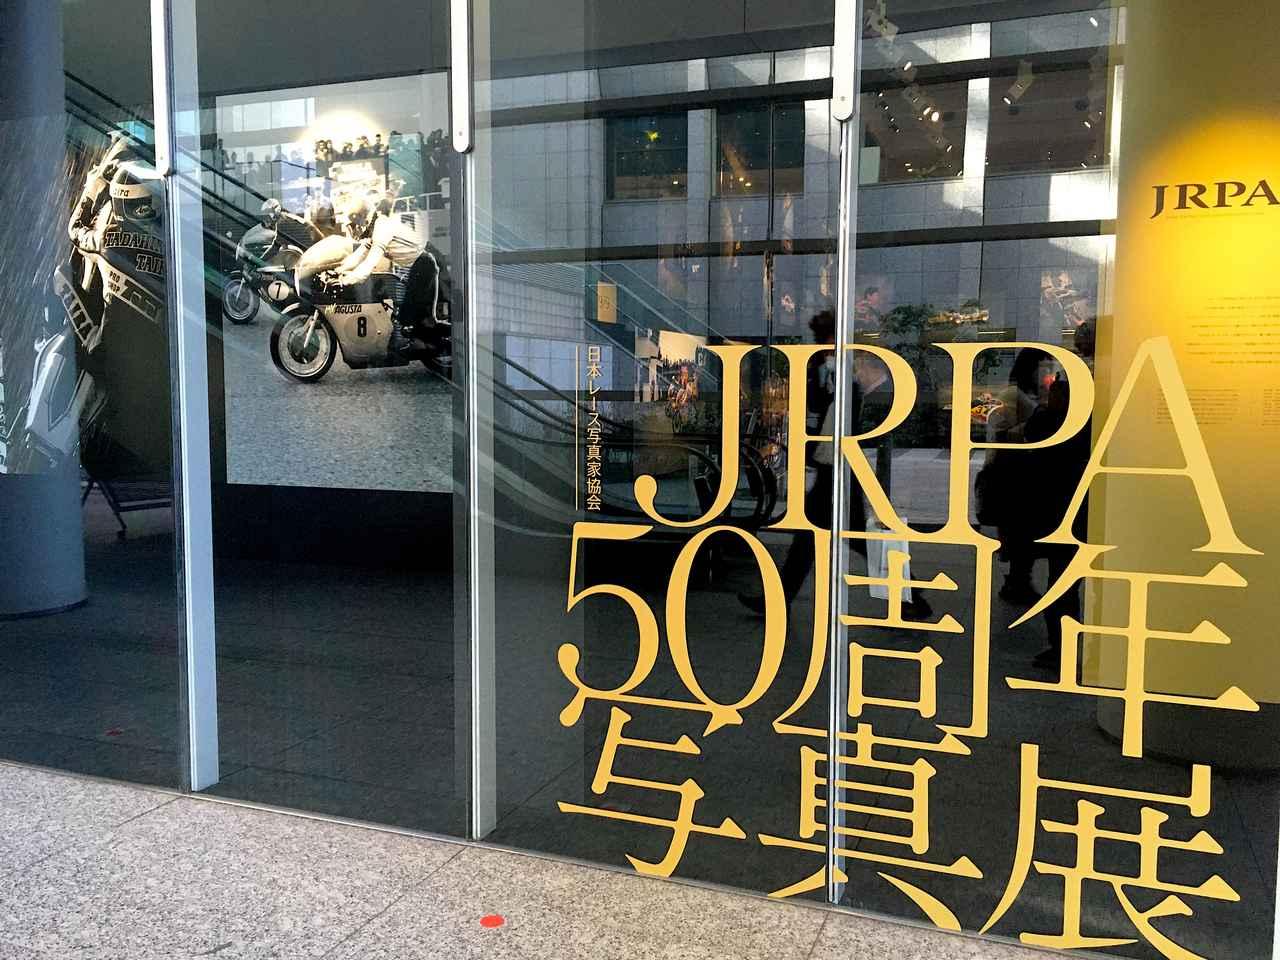 画像1: 「JRPA50周年写真展」の内容を1冊に凝縮